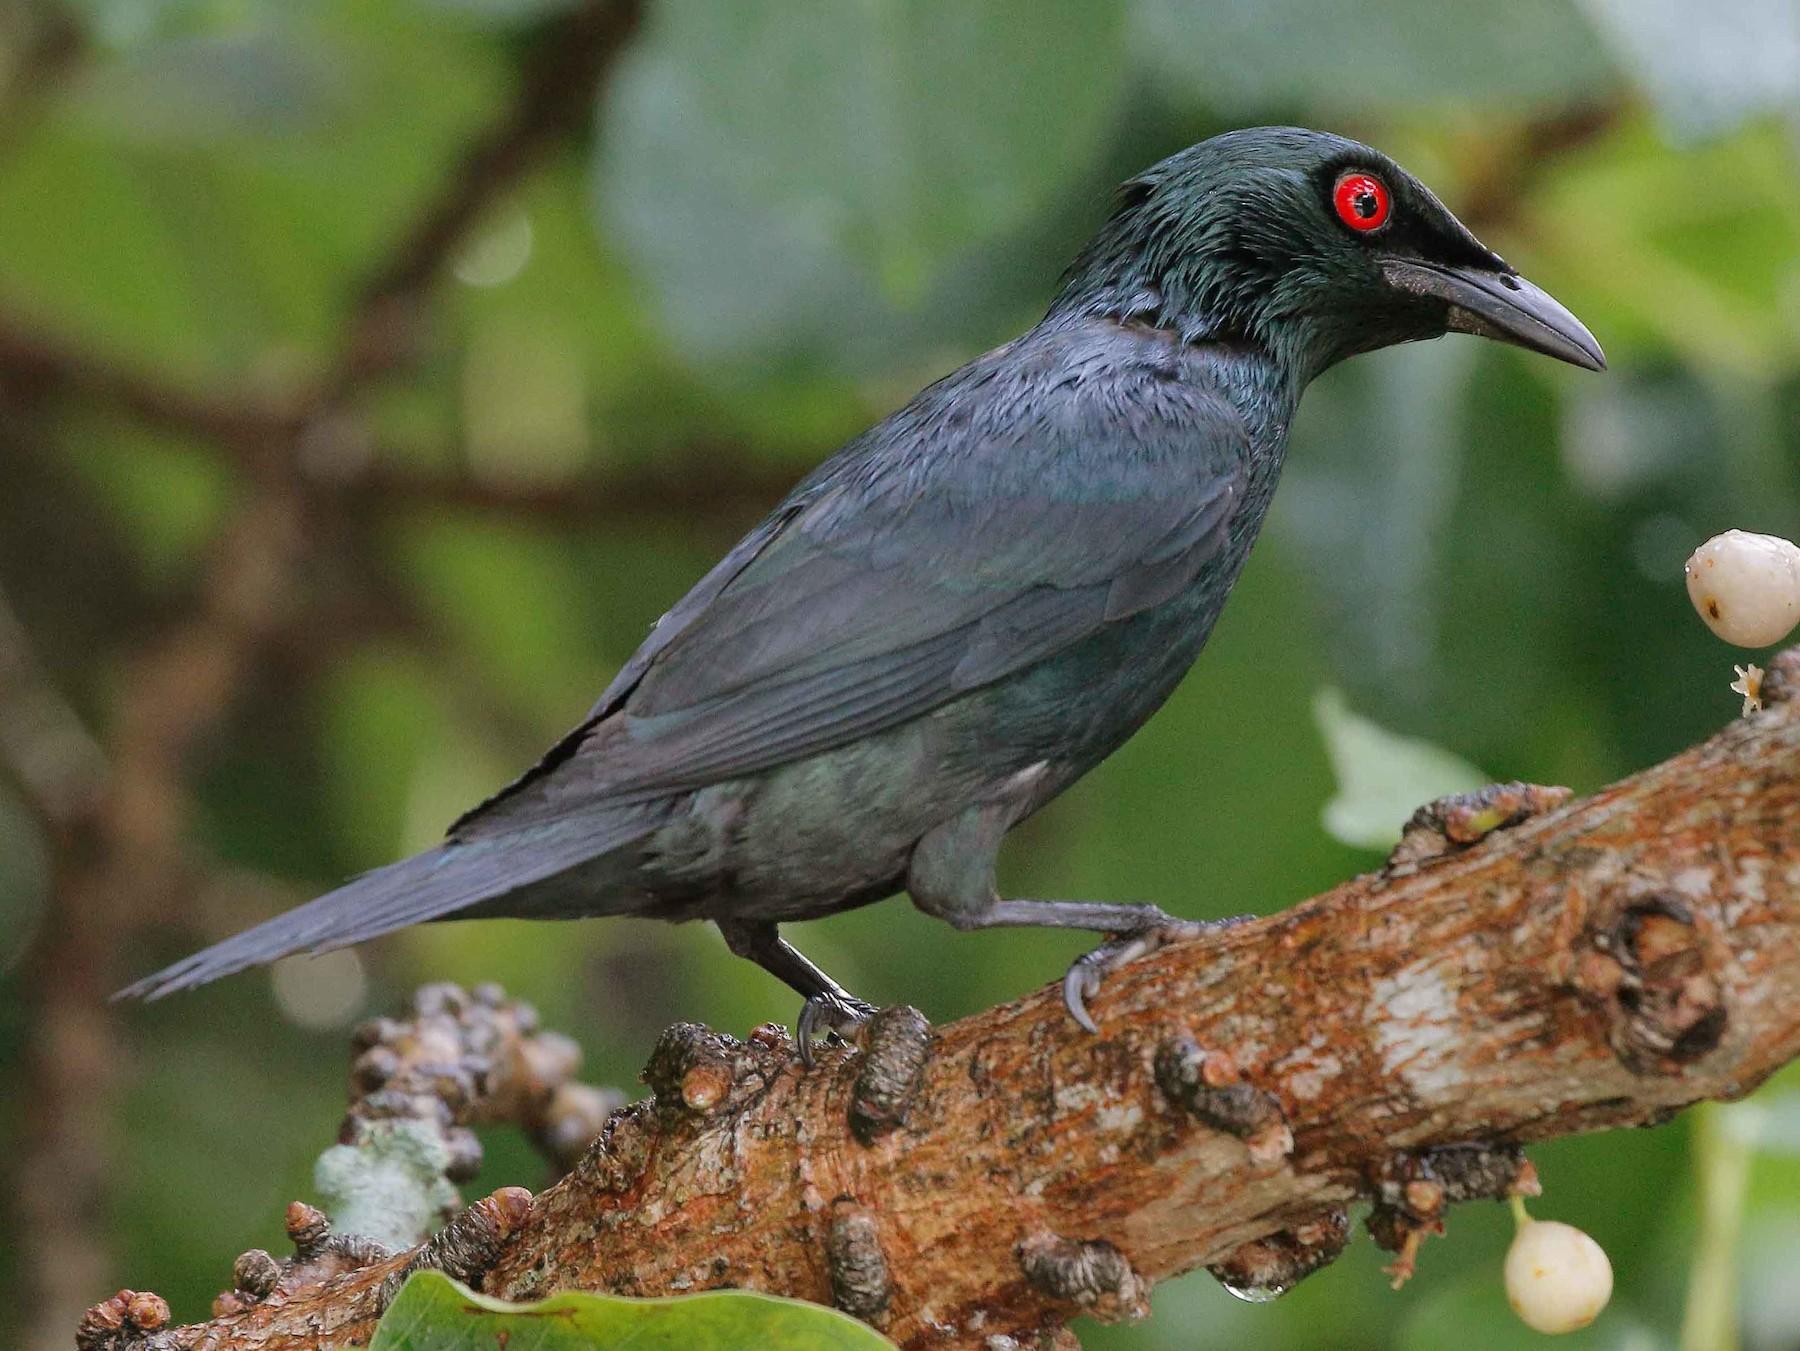 Suara Burung Cucak Keling